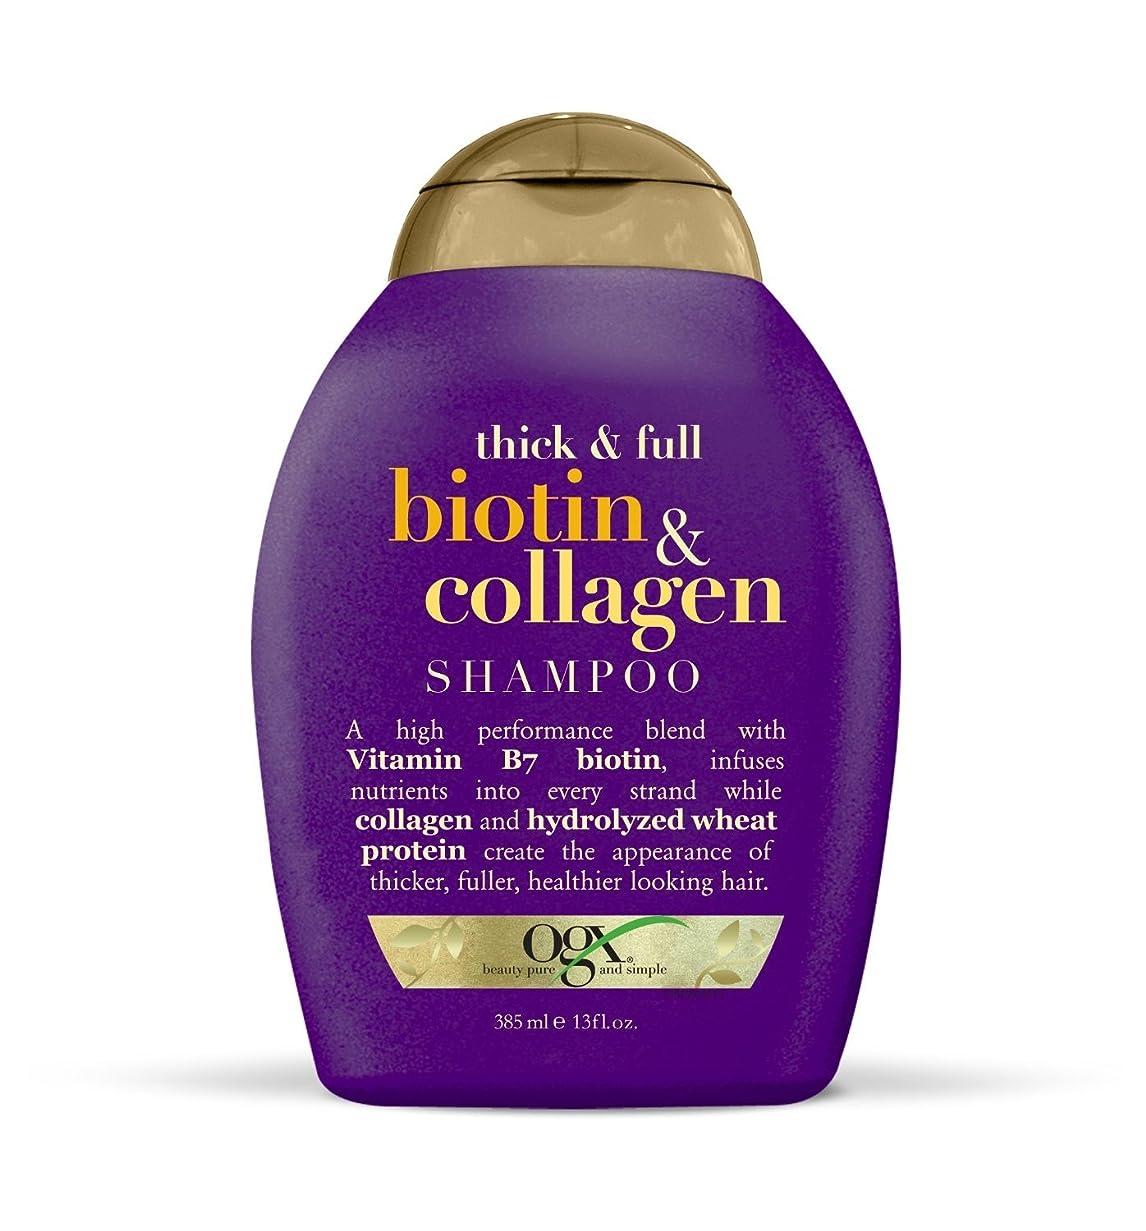 前兆水族館責任者OGX Thick & Full Biotin & Collagen Shampoo 380ml シック&フルビオチン&コラーゲンシャンプー [並行輸入品]